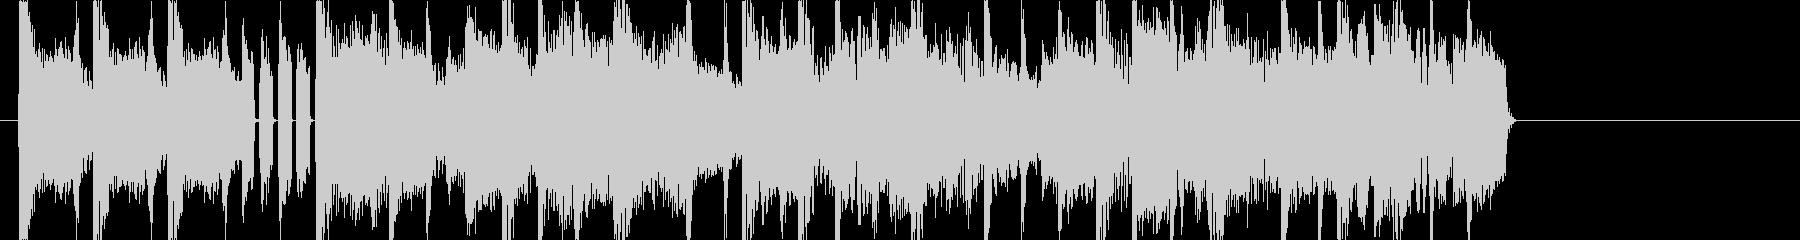 オシャレで切ないLO-FIジングルの未再生の波形